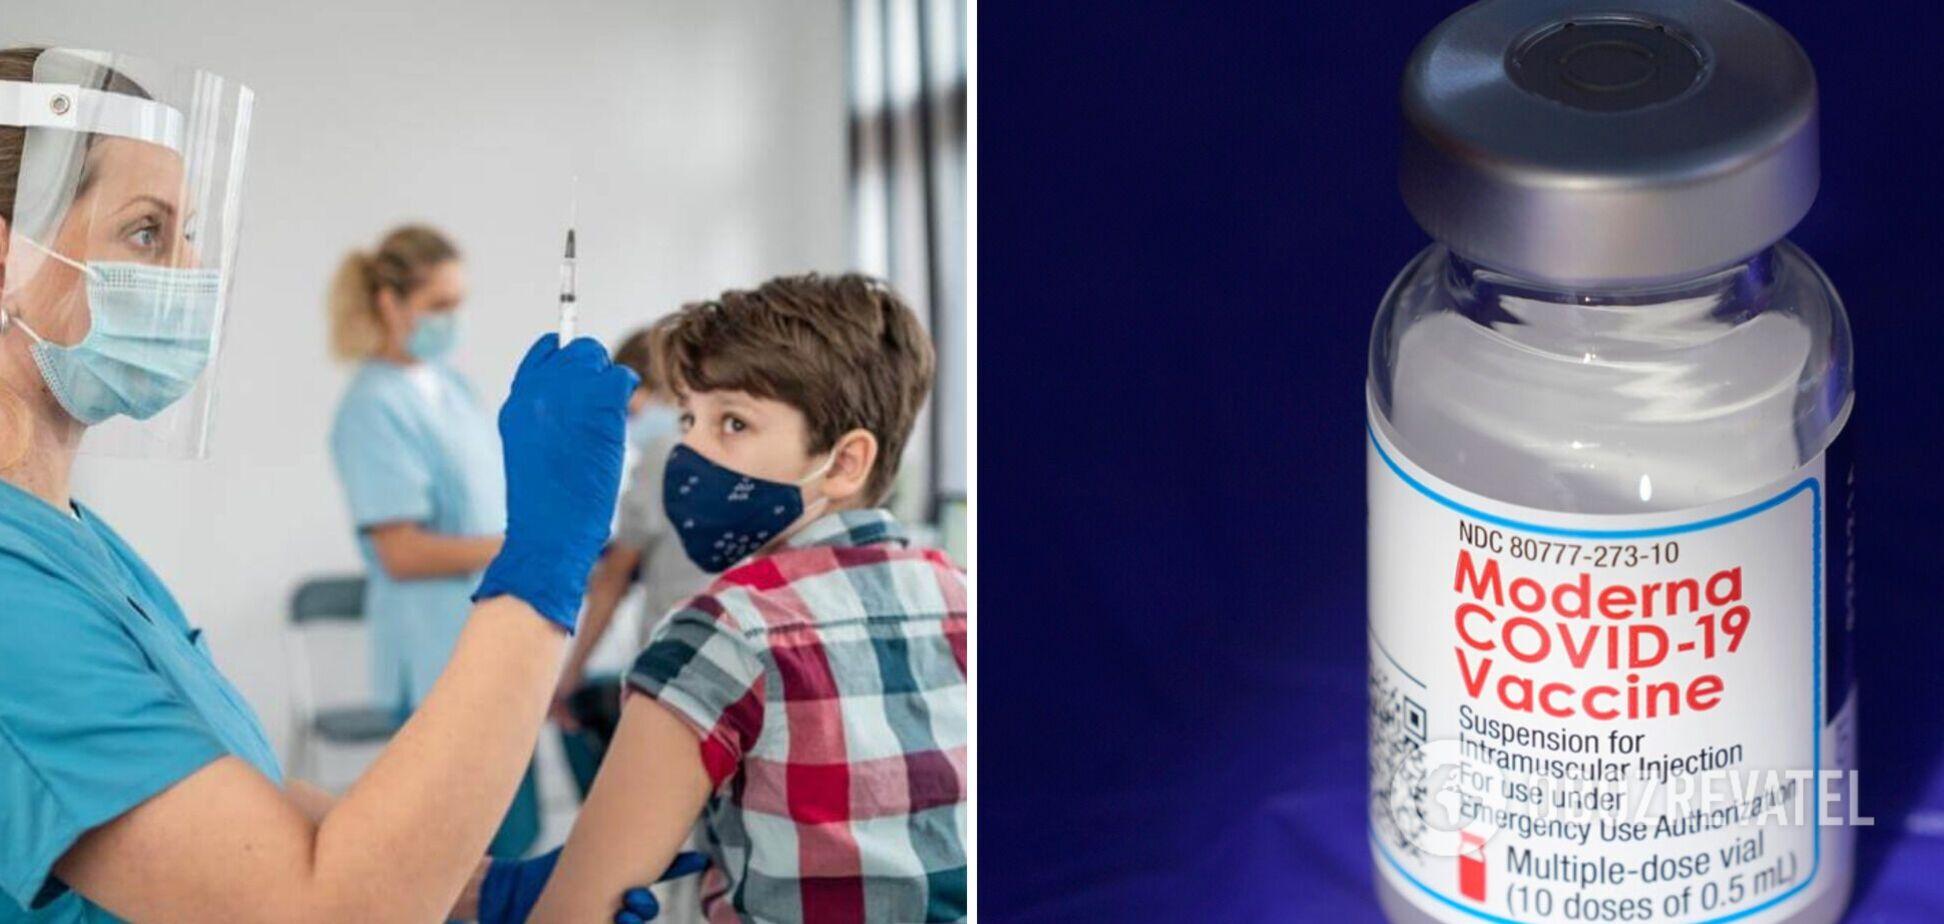 У США почали вакцинувати проти COVID-19 підлітків від 12 років